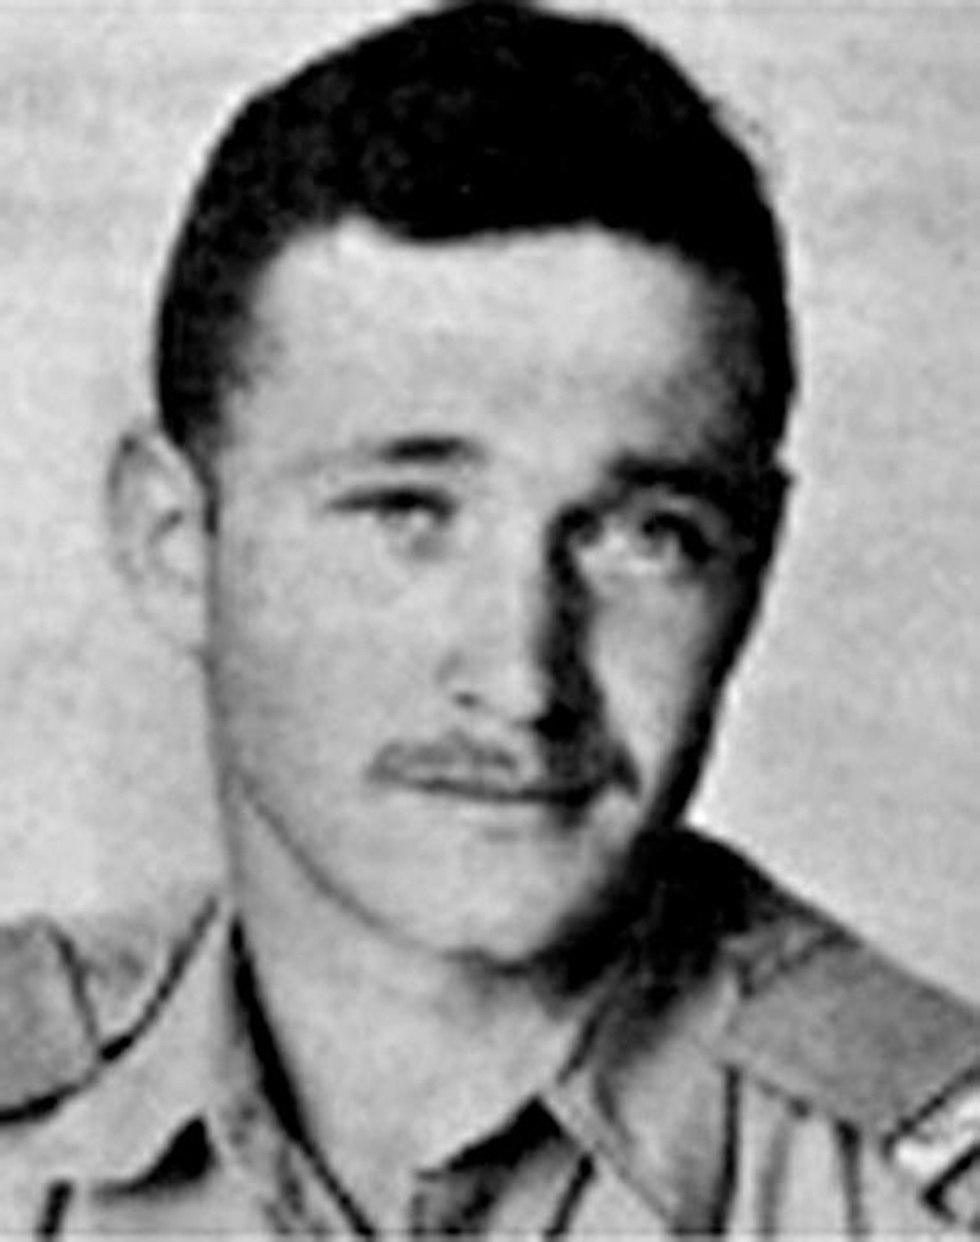 """Résultat de recherche d'images pour """"Le corps du pilote de chasse israélien Yakir Mordechai Naveh retrouvé 56 ans plus tard"""""""